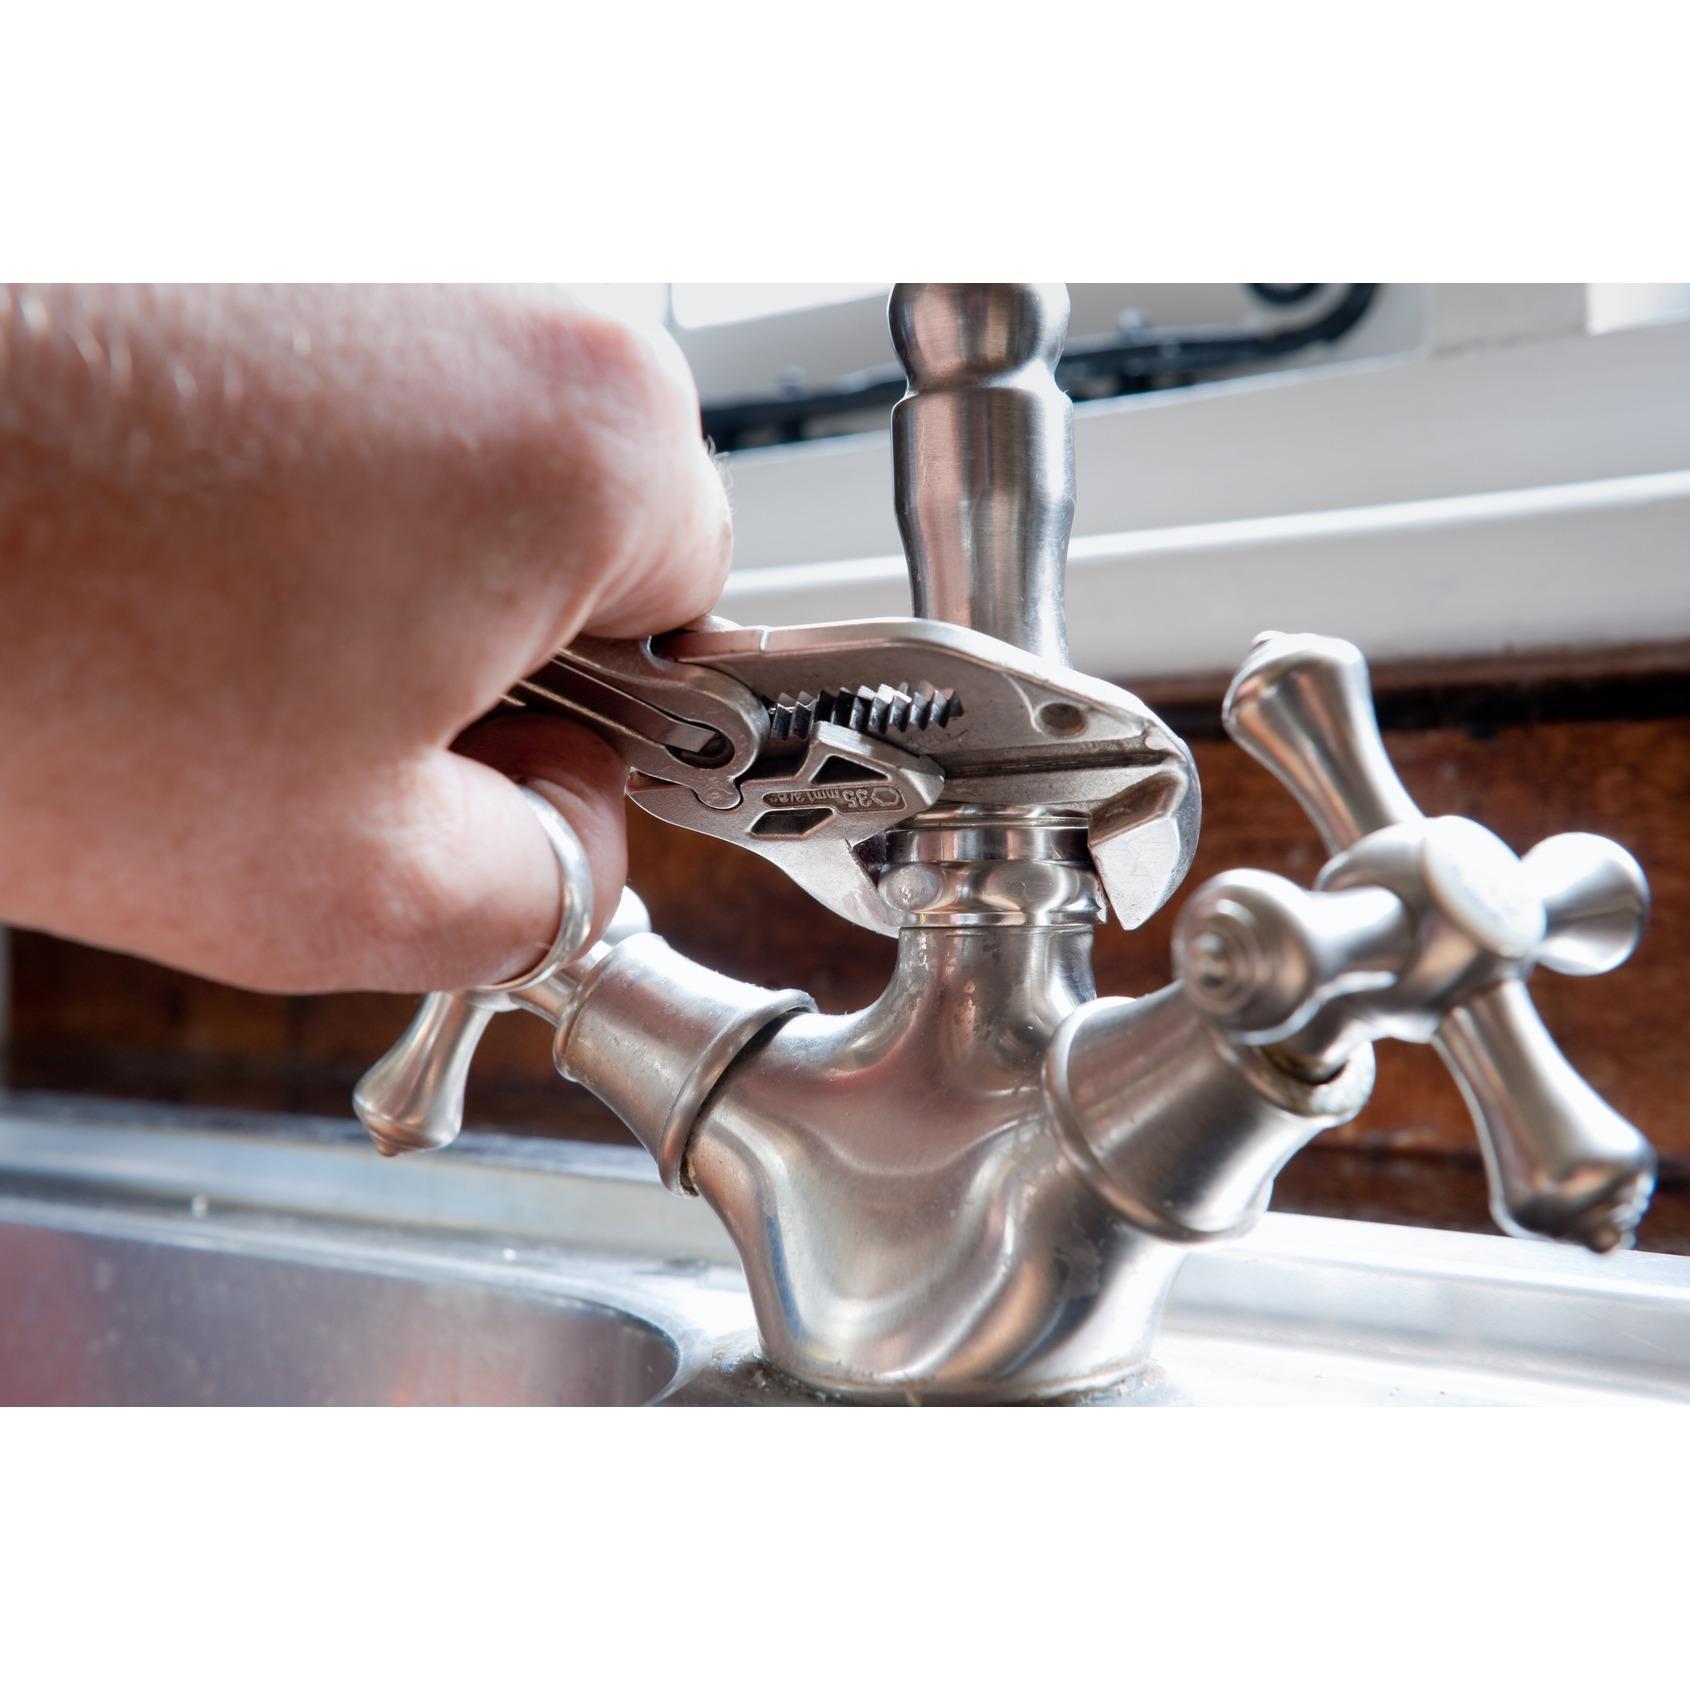 Fito Plumbers - Hayward, CA - Plumbers & Sewer Repair